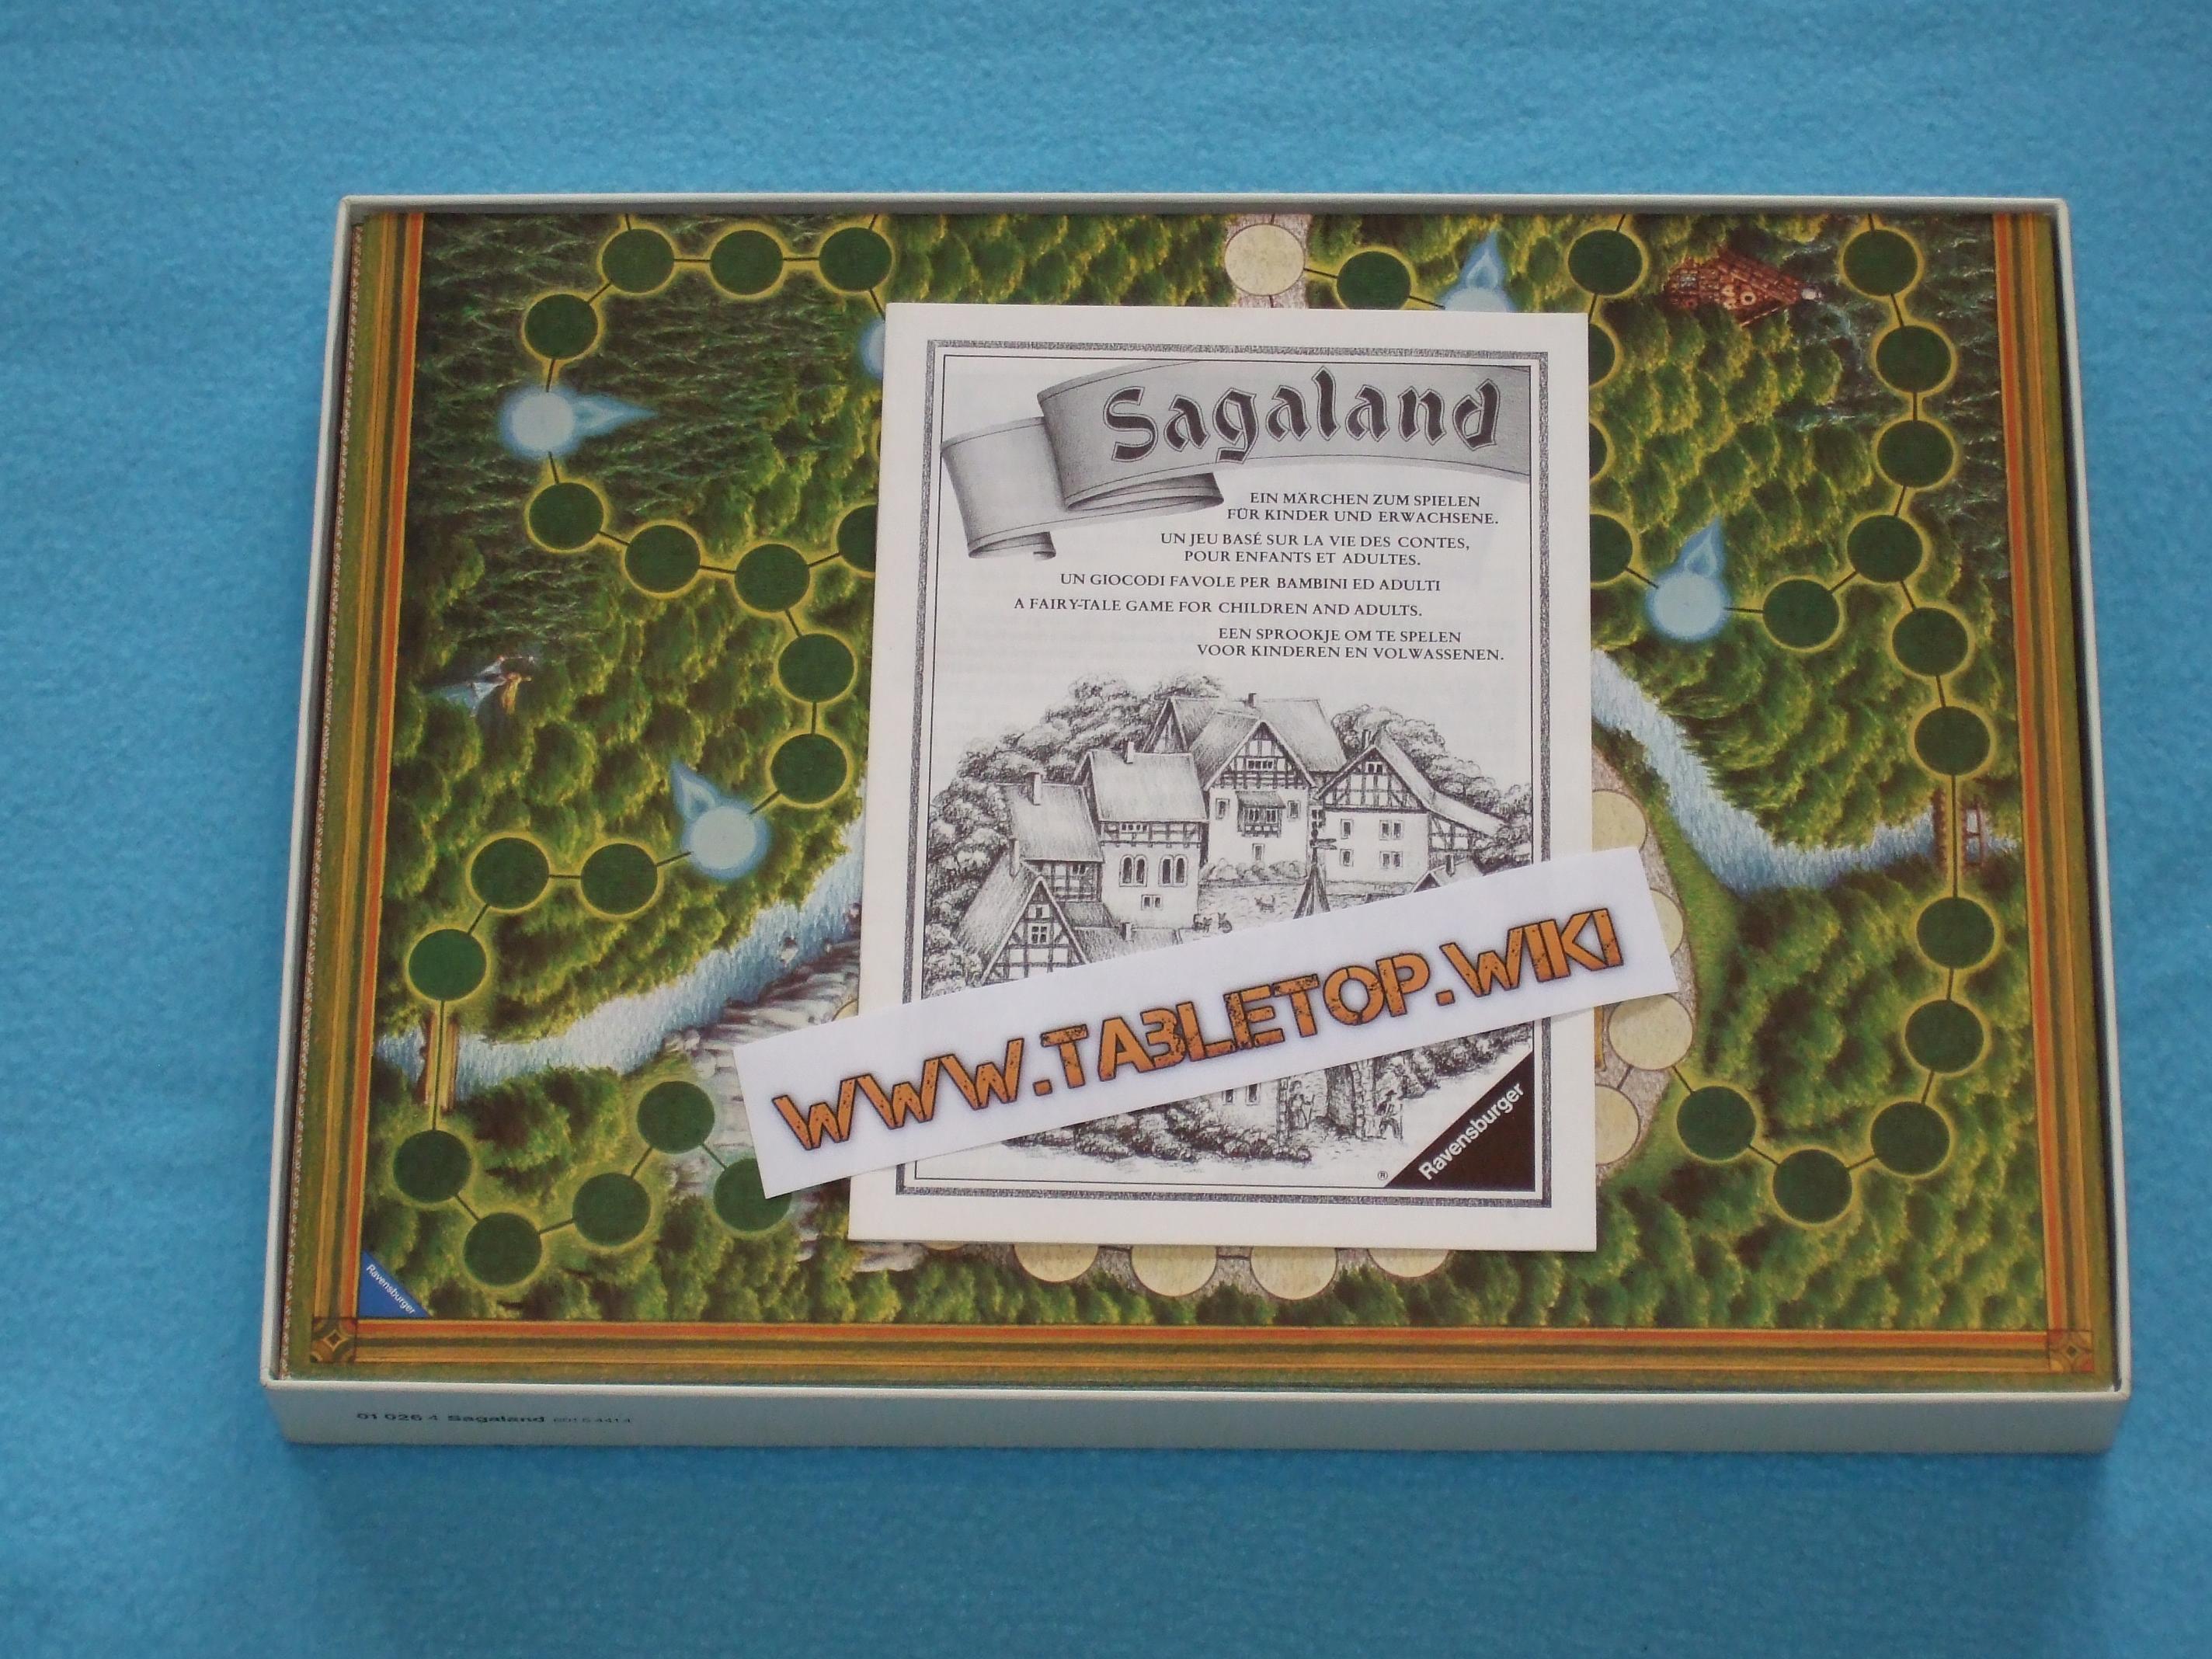 Sagaland Anleitung